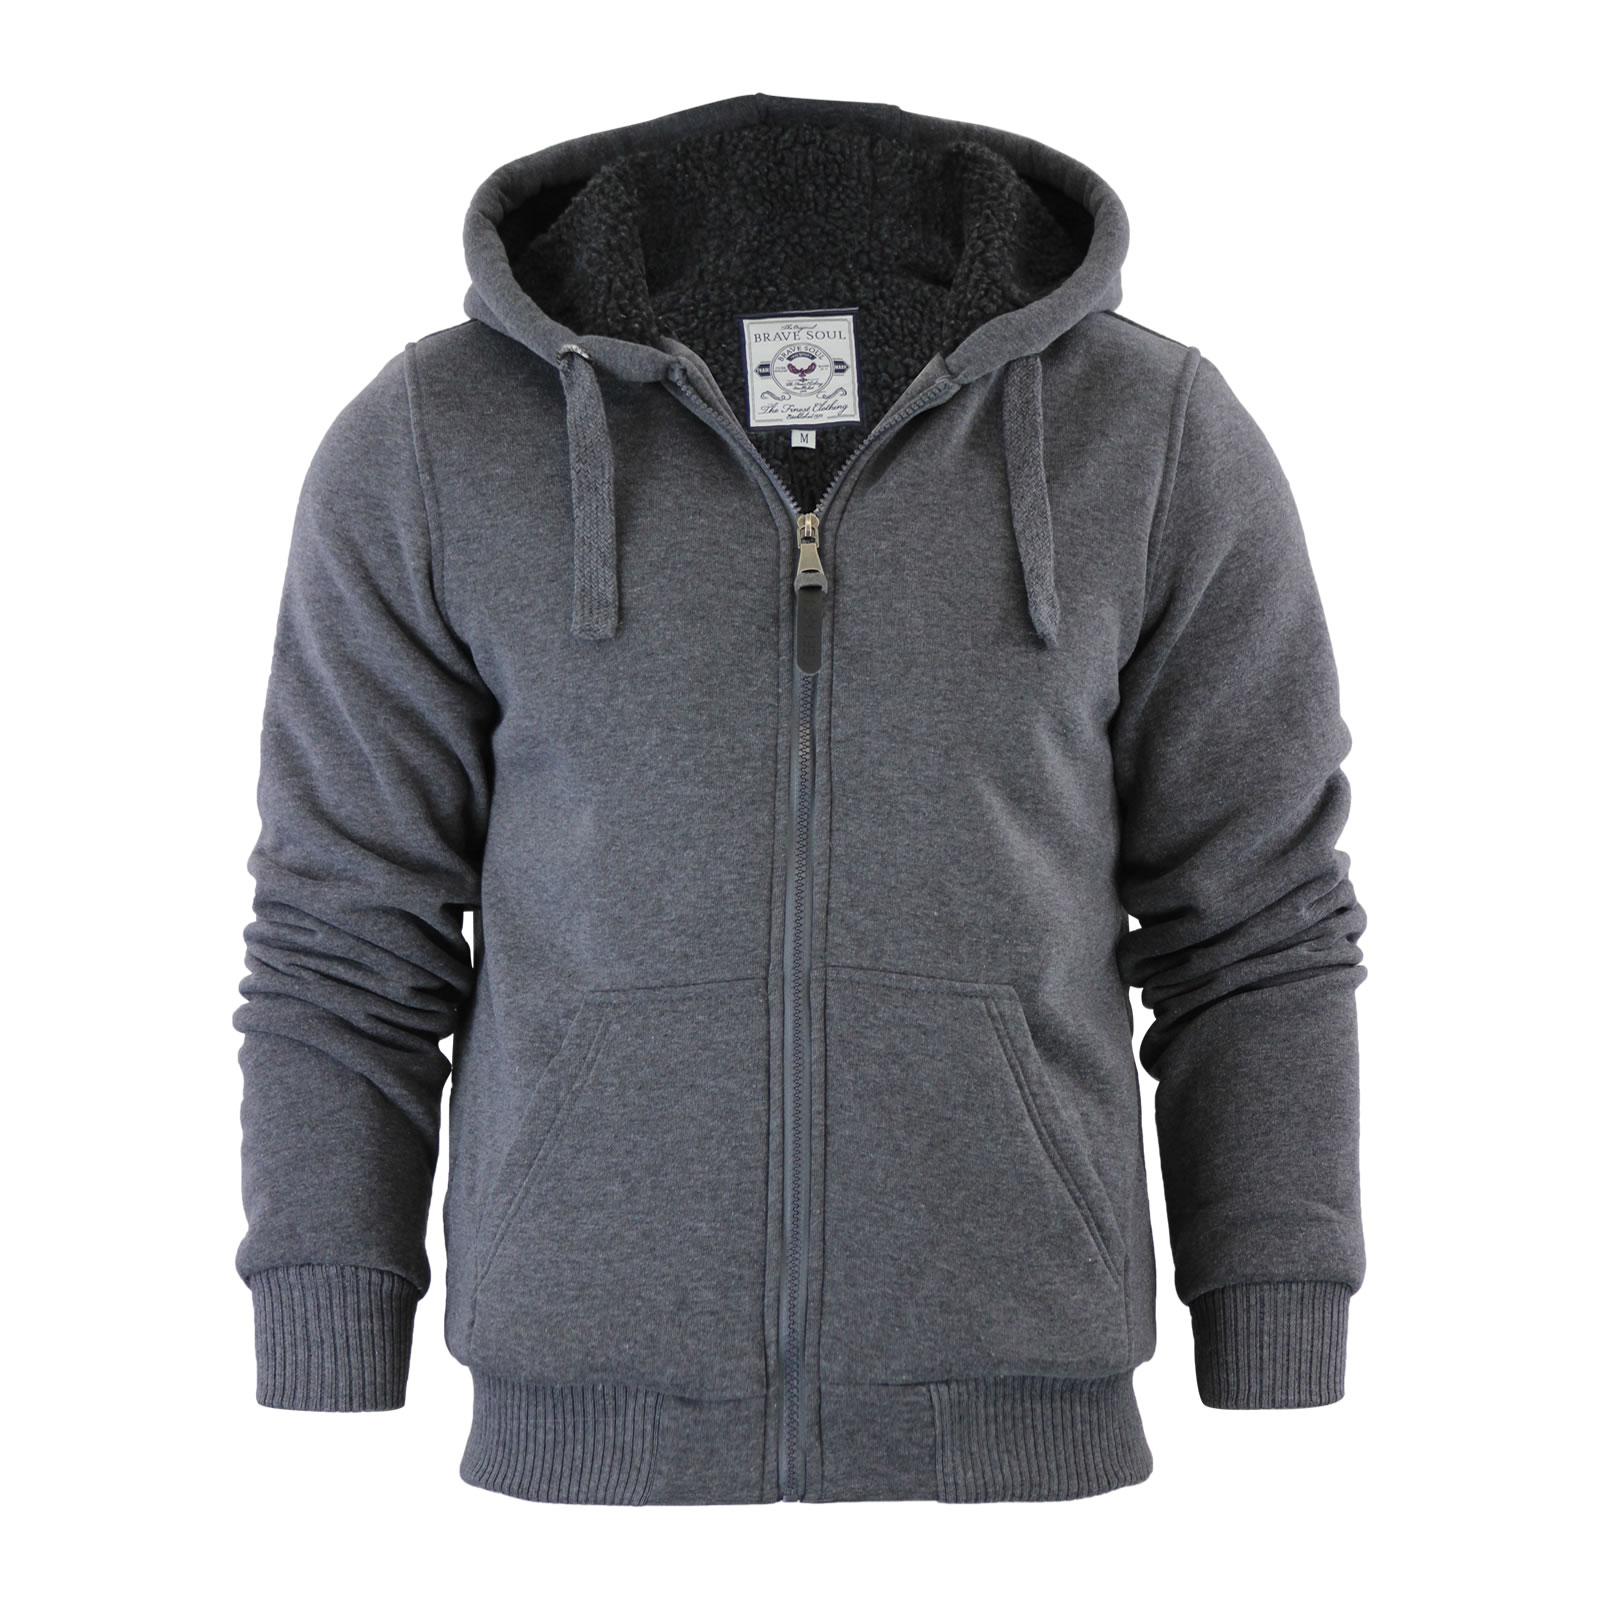 Mens sherpa lined hoodies